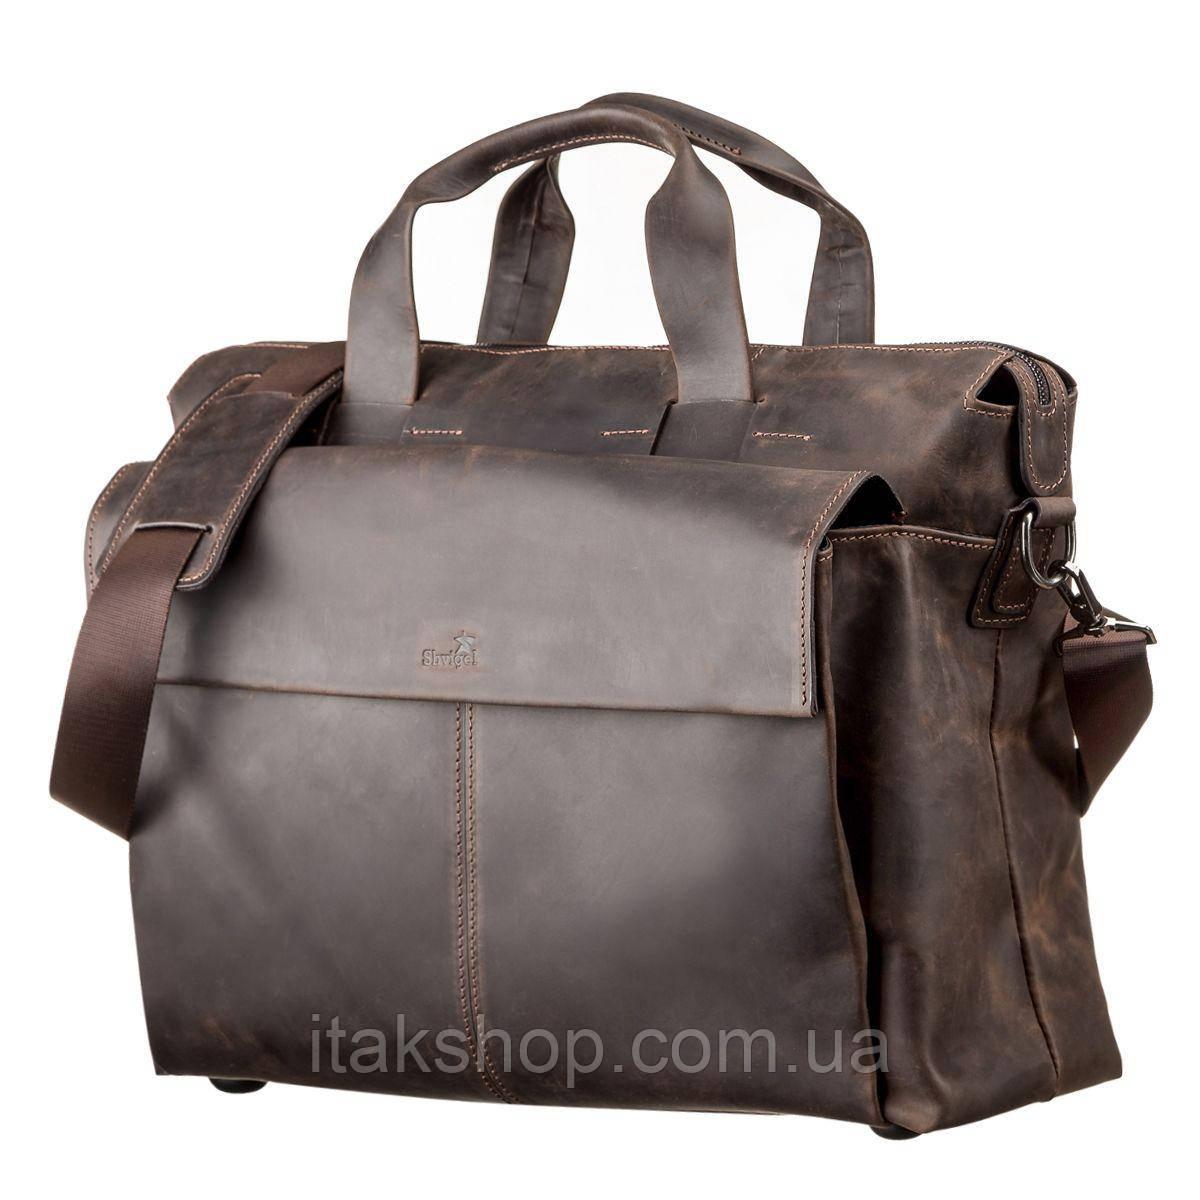 Большая мужская сумка SHVIGEL 11119 кожаная Коричневая, Коричневый